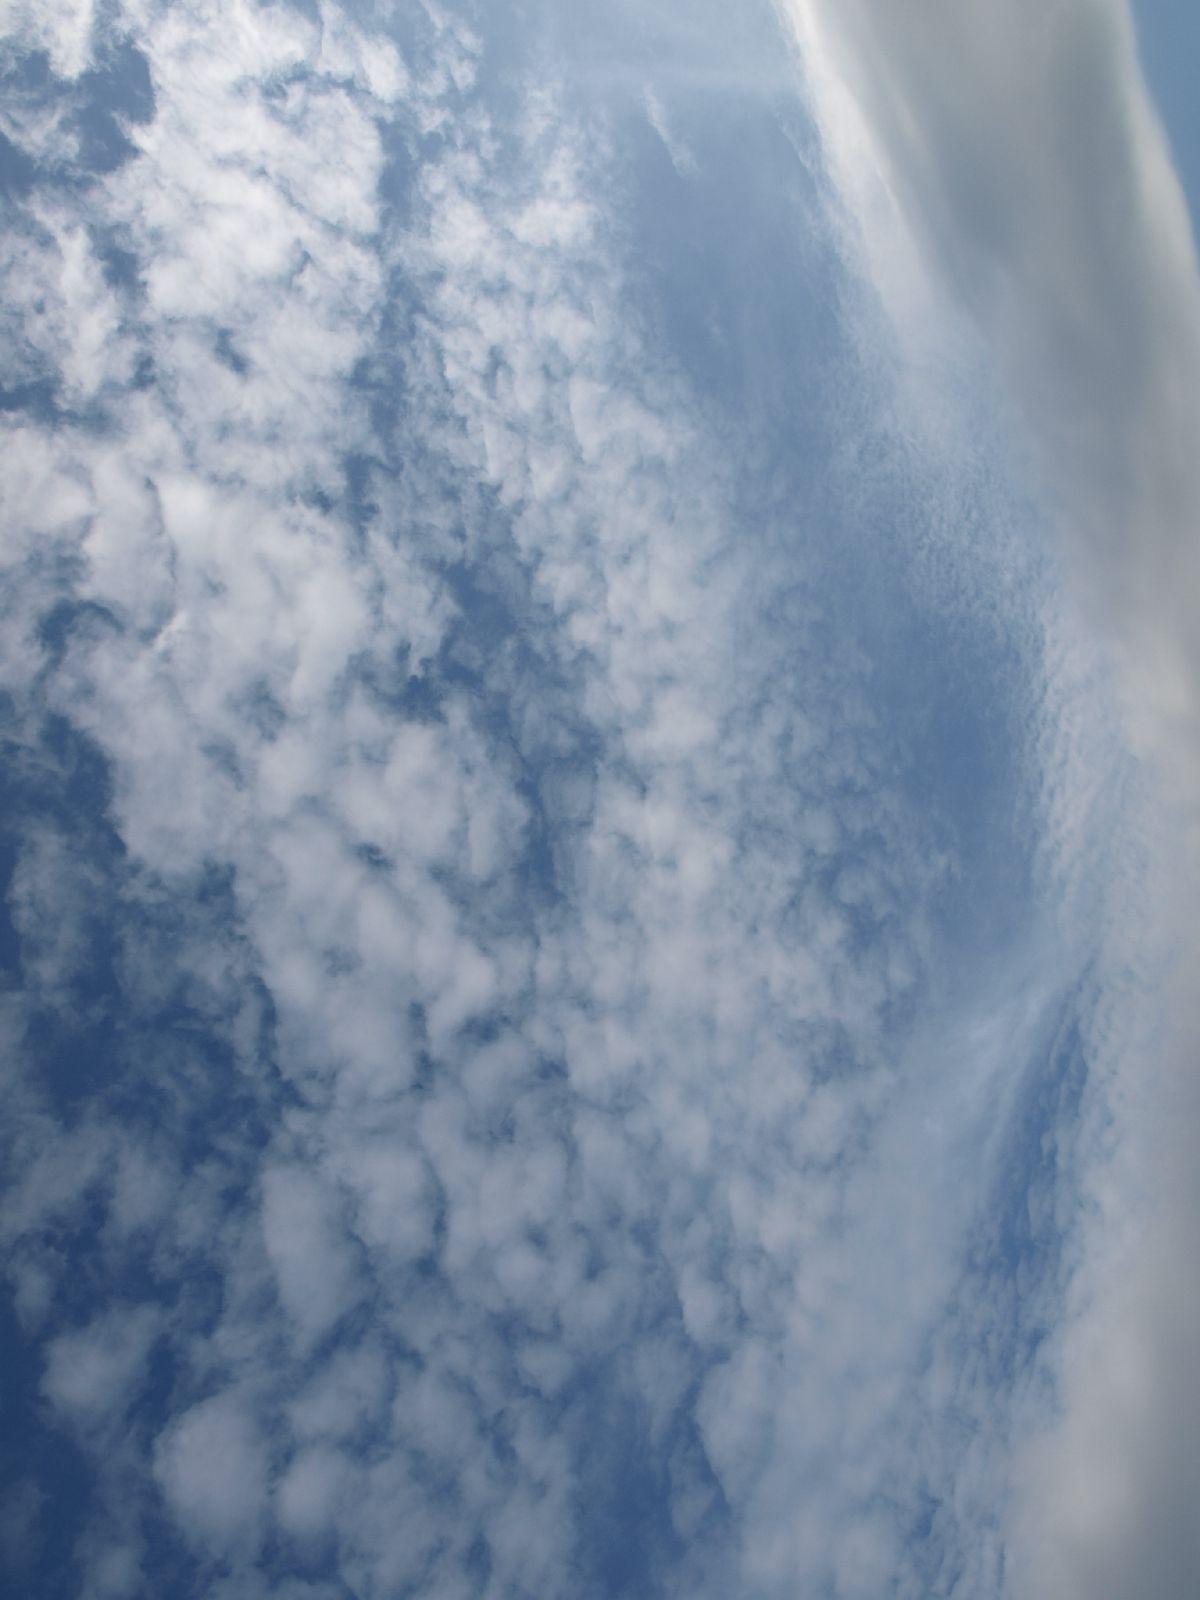 Himmel-Wolken-Foto_Textur_A_P4201558